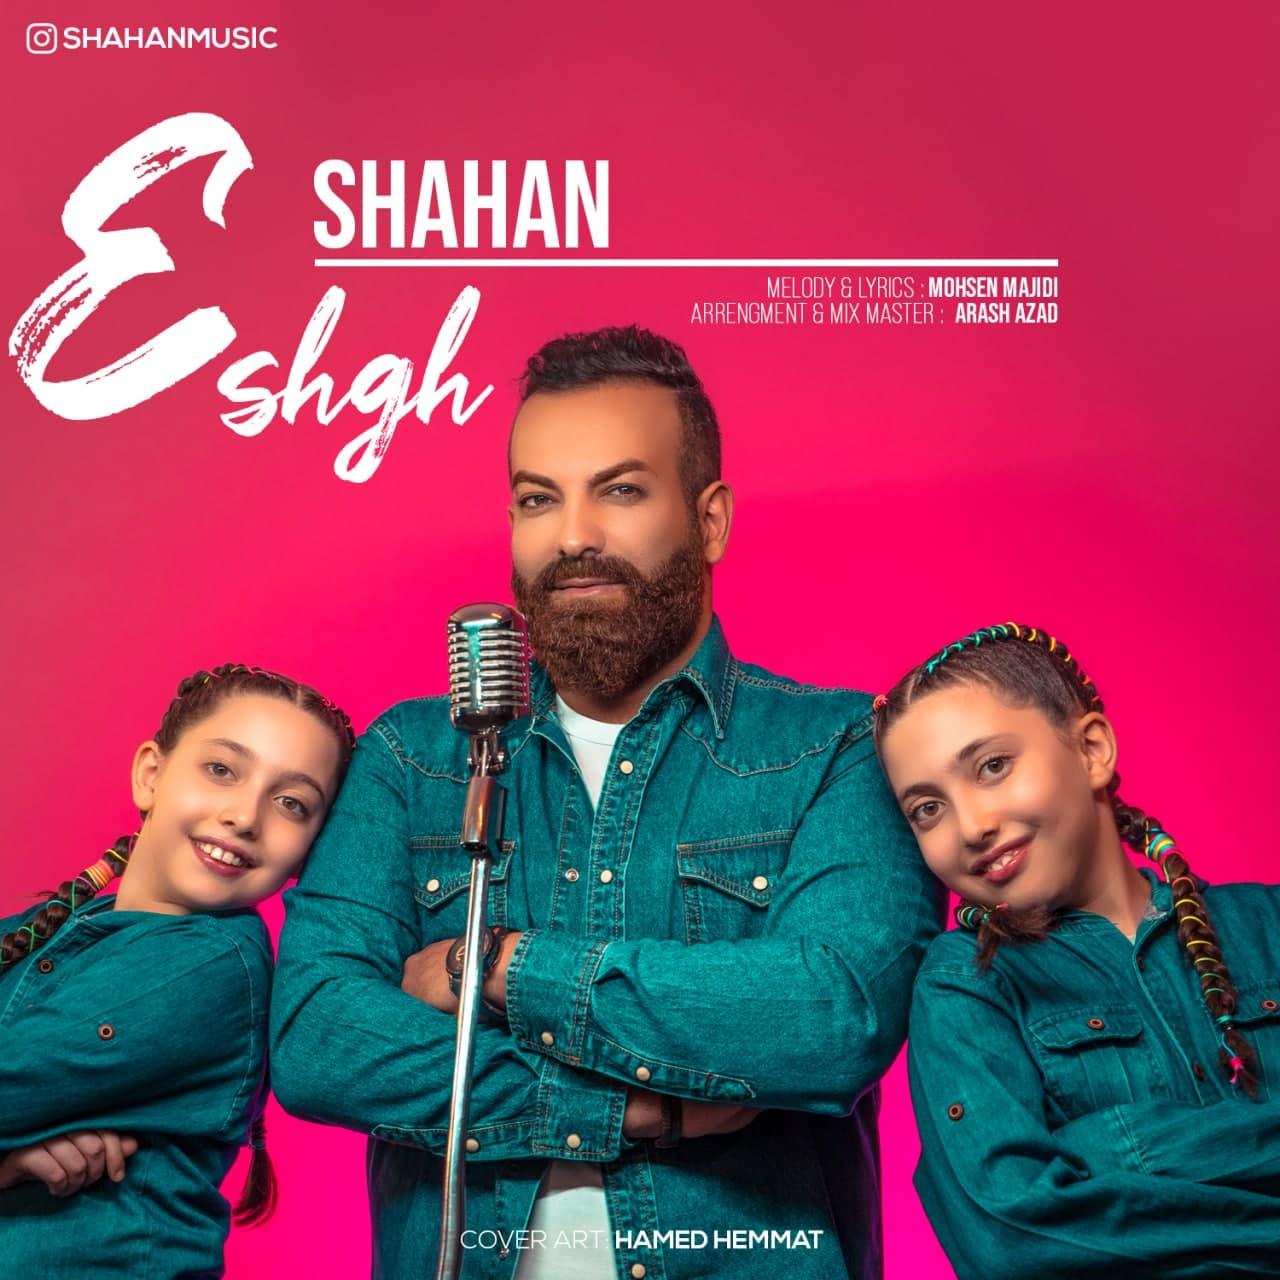 Shahan – Eshgh